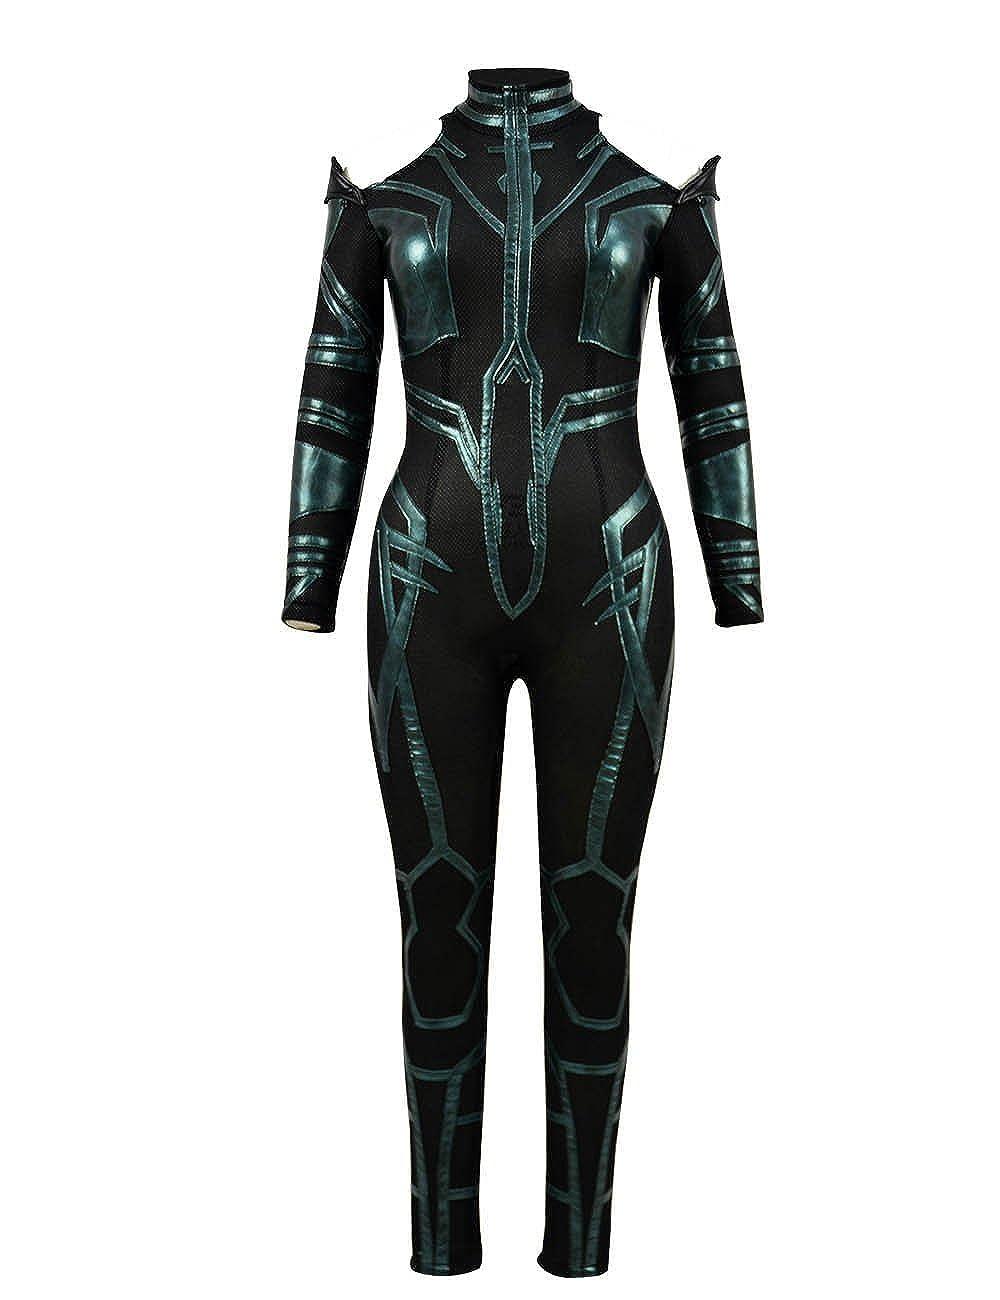 Zhangjianwangluokeji Hela Kostüm Cosplay Halloween Grüner Komplett Jumpsuit für Frauen B07PNMPCLM Kostüme für Erwachsene Mittlere Kosten  | Überlegene Qualität